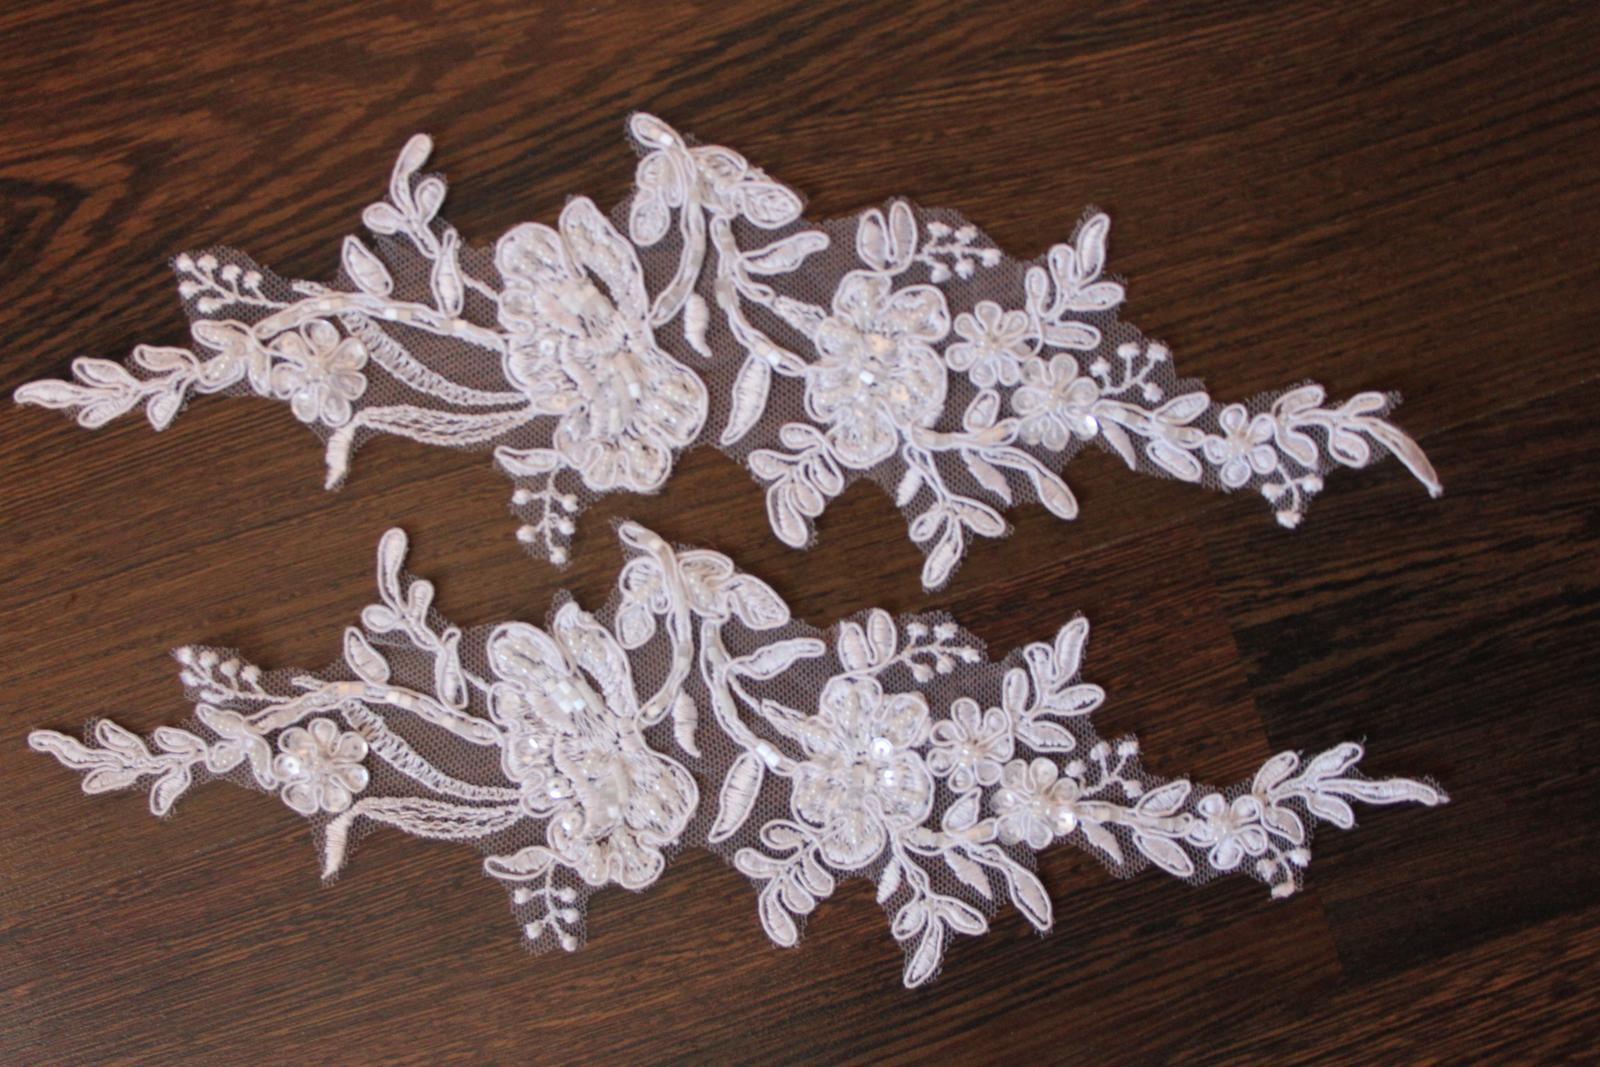 3 D Látky, aplikácie na svadobné šaty prípadne na iné dozdobenie - Obrázok č. 15